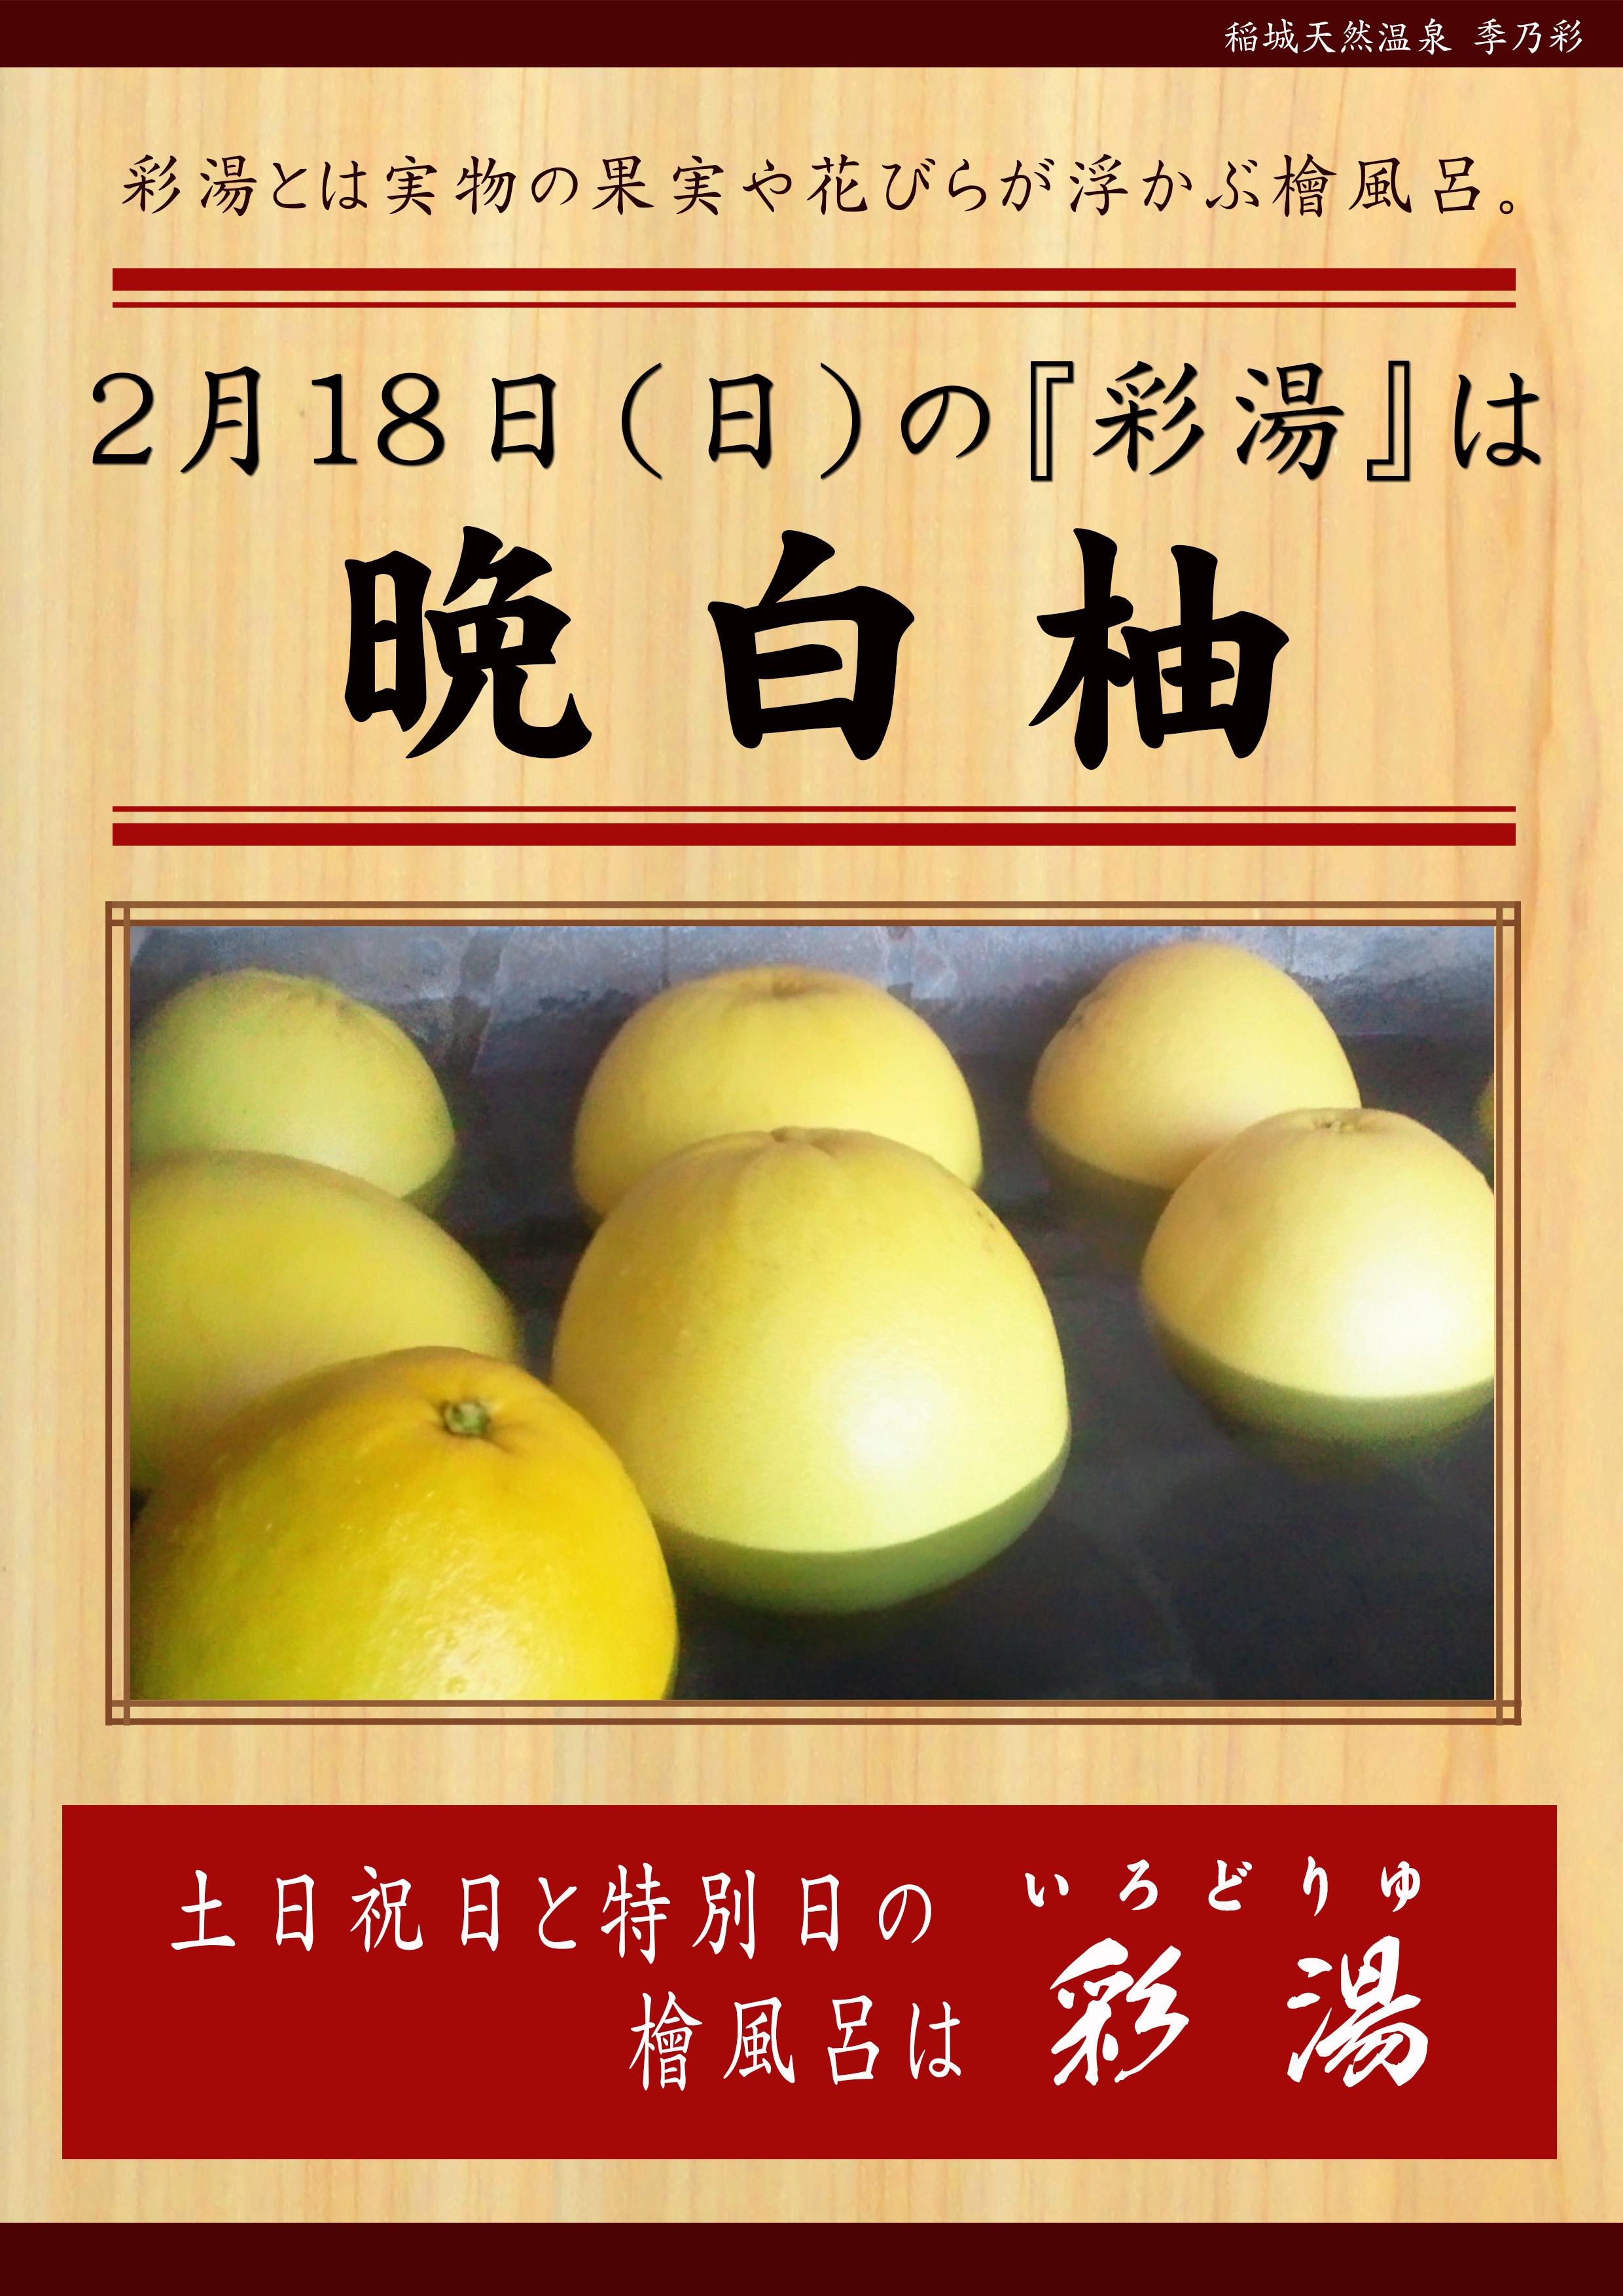 20180218POP イベント 彩湯 晩白柚